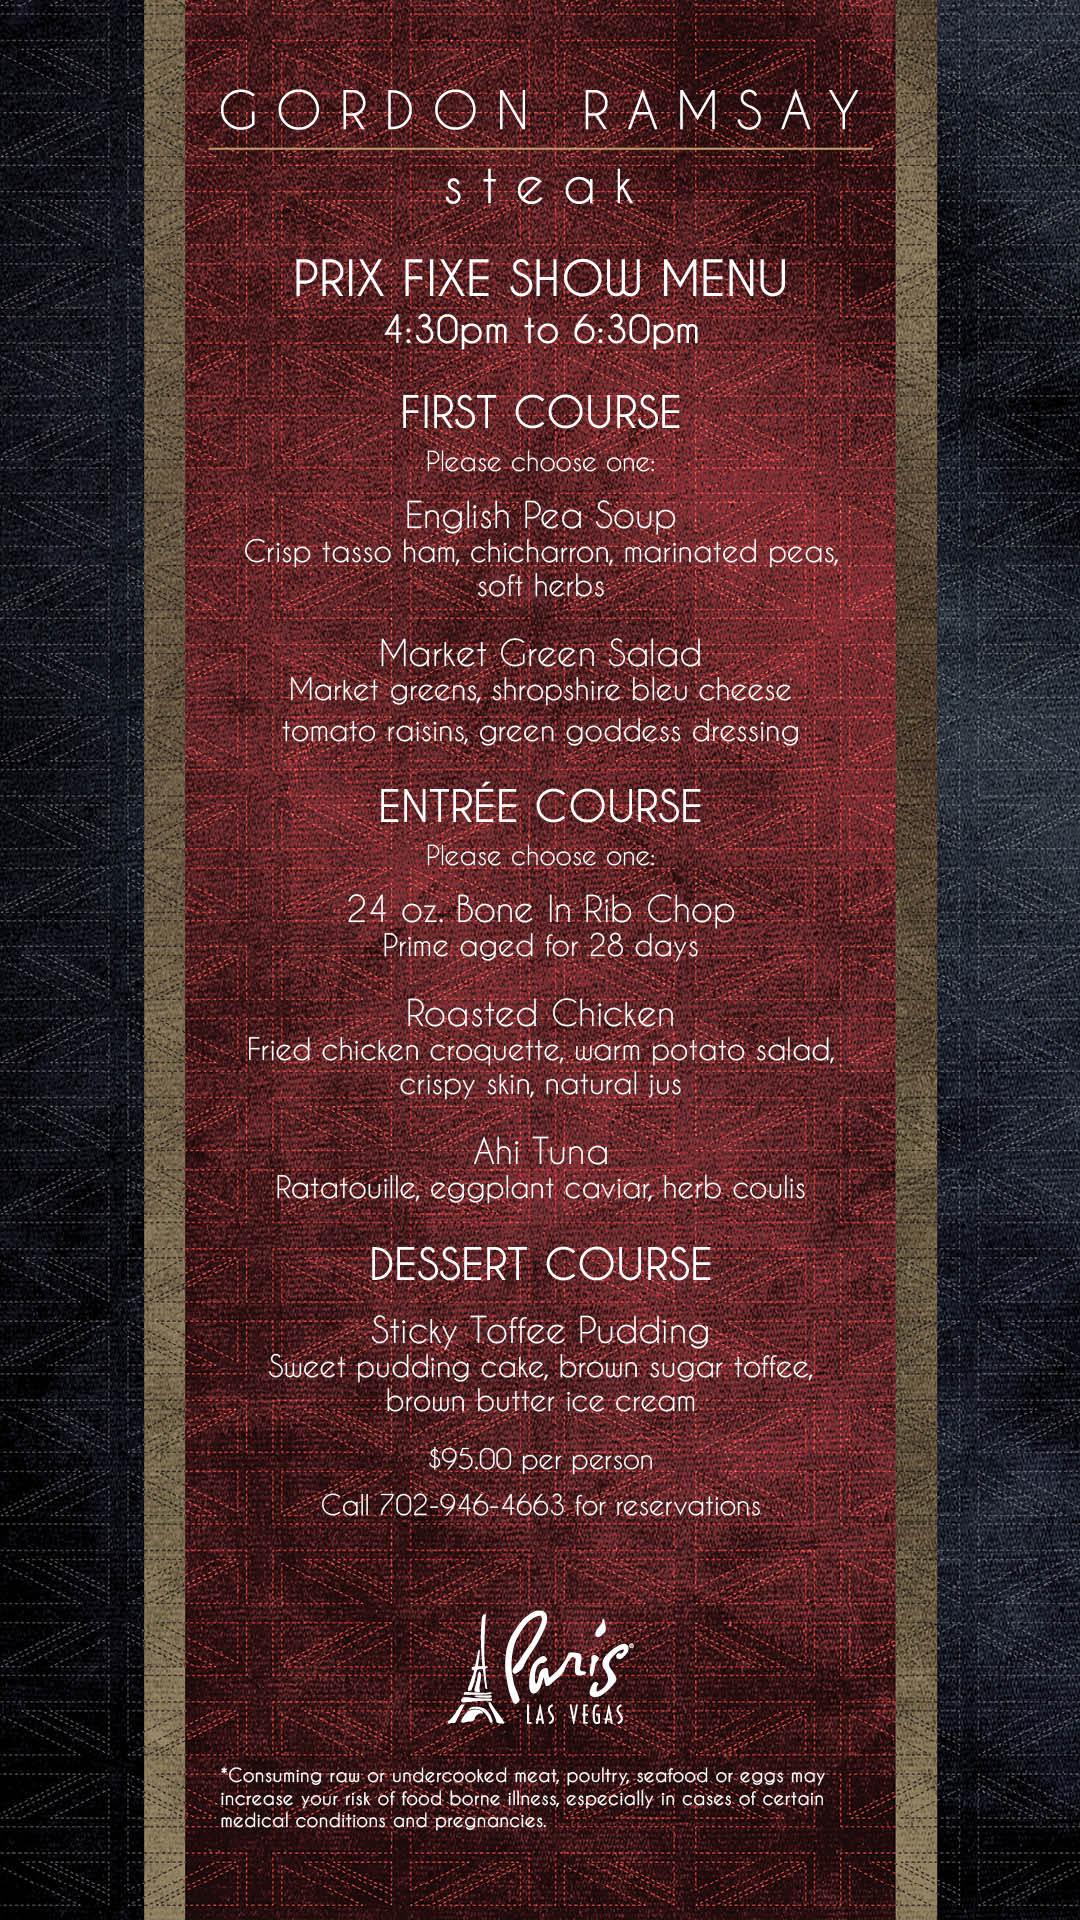 Phenomenal Gordon Ramsay Steak Paris Las Vegas Steakhouse Interior Design Ideas Tzicisoteloinfo